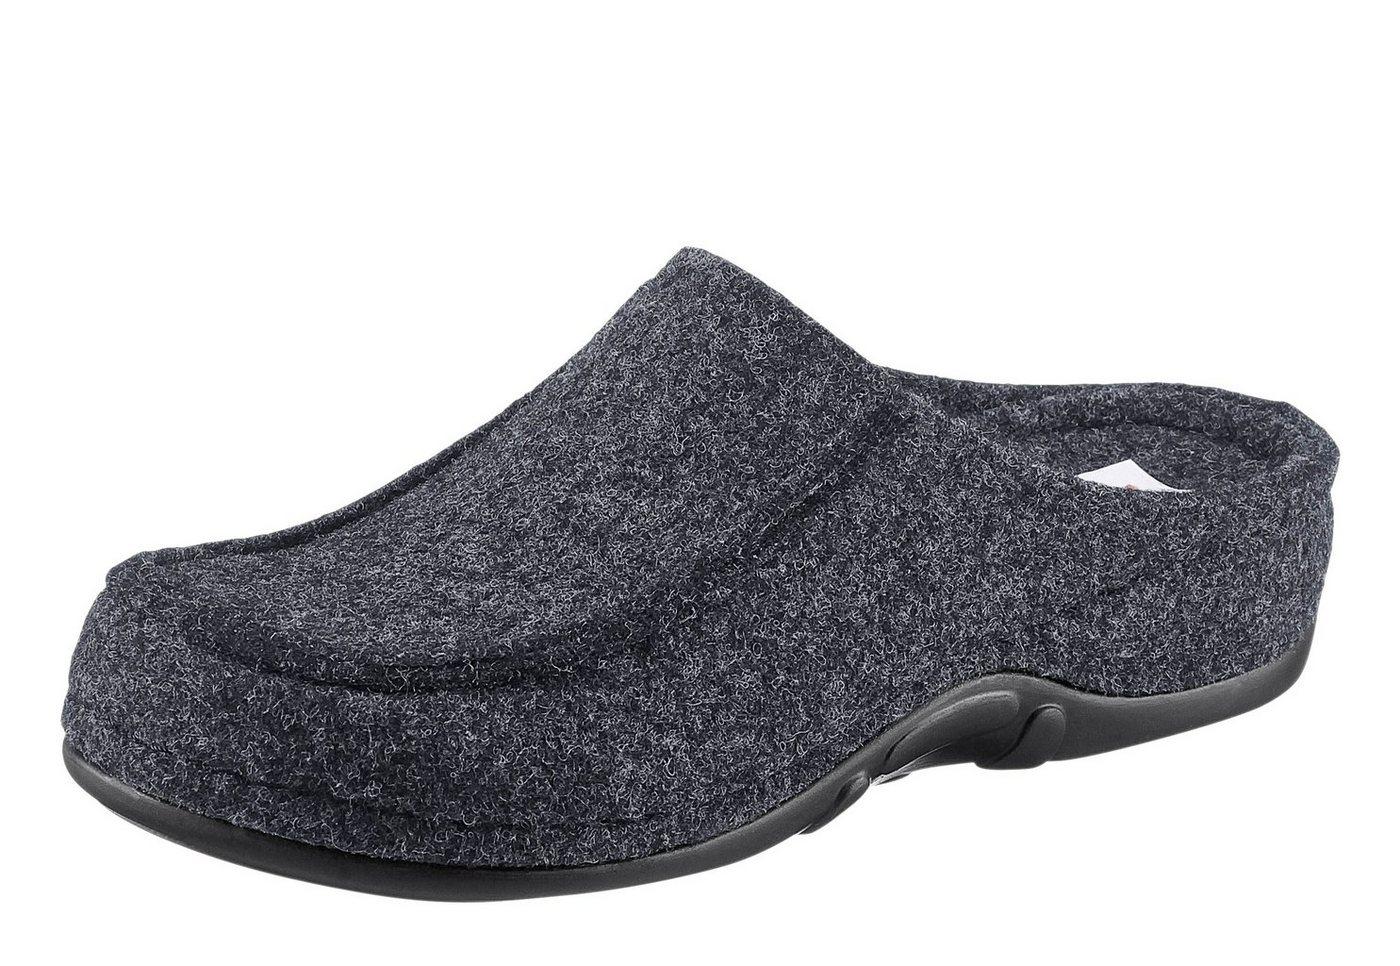 Berkemann Pantoffel mit rutschhemmender PUR-Laufsohle   Schuhe > Hausschuhe > Pantoffeln   Grau   Filz   BERKEMANN